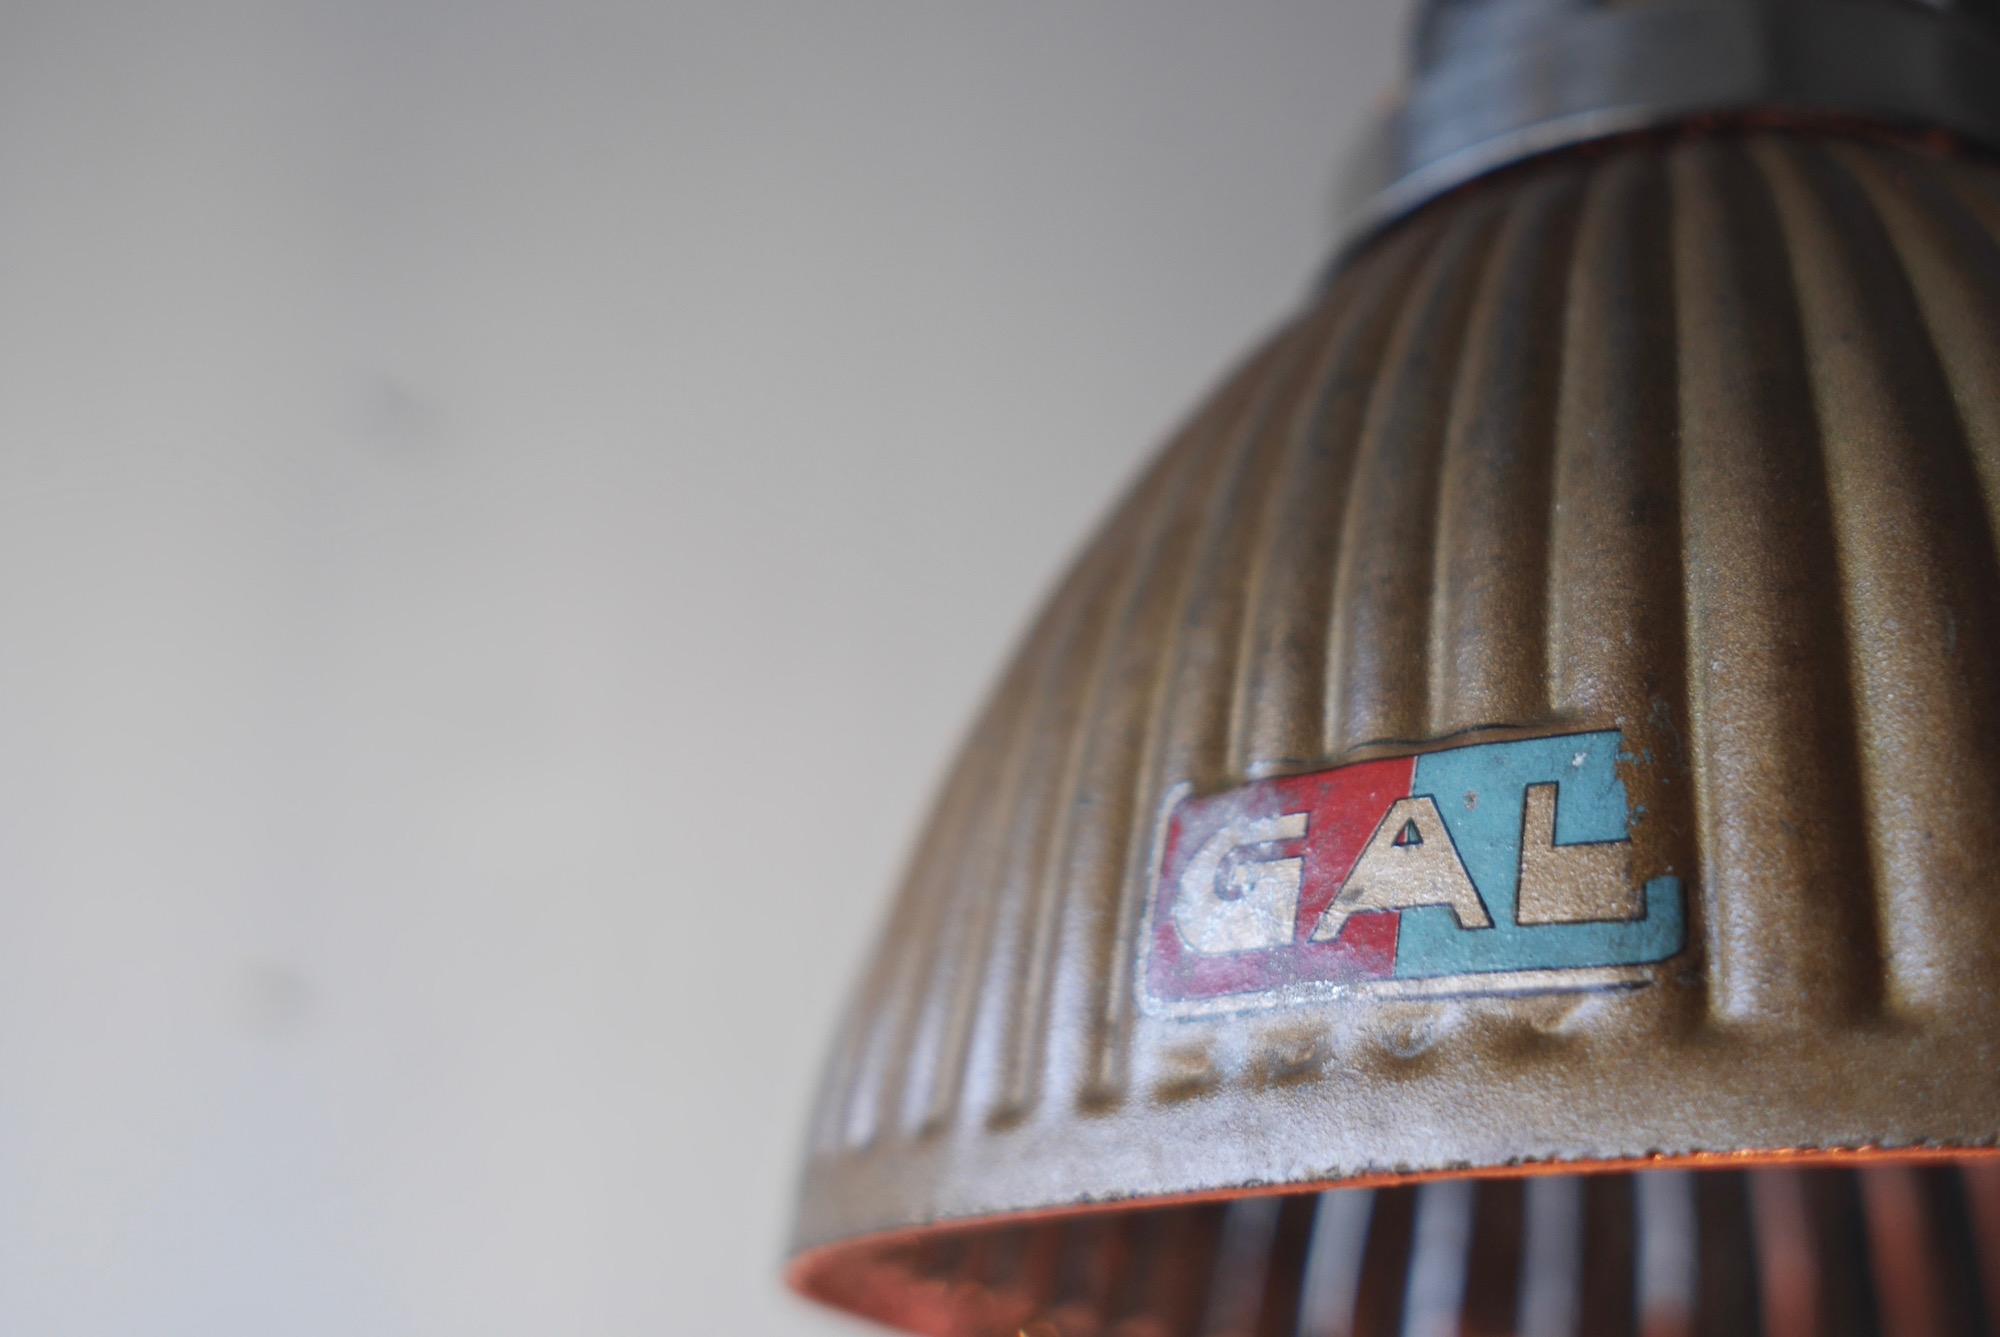 GAL Pendant Lamp b